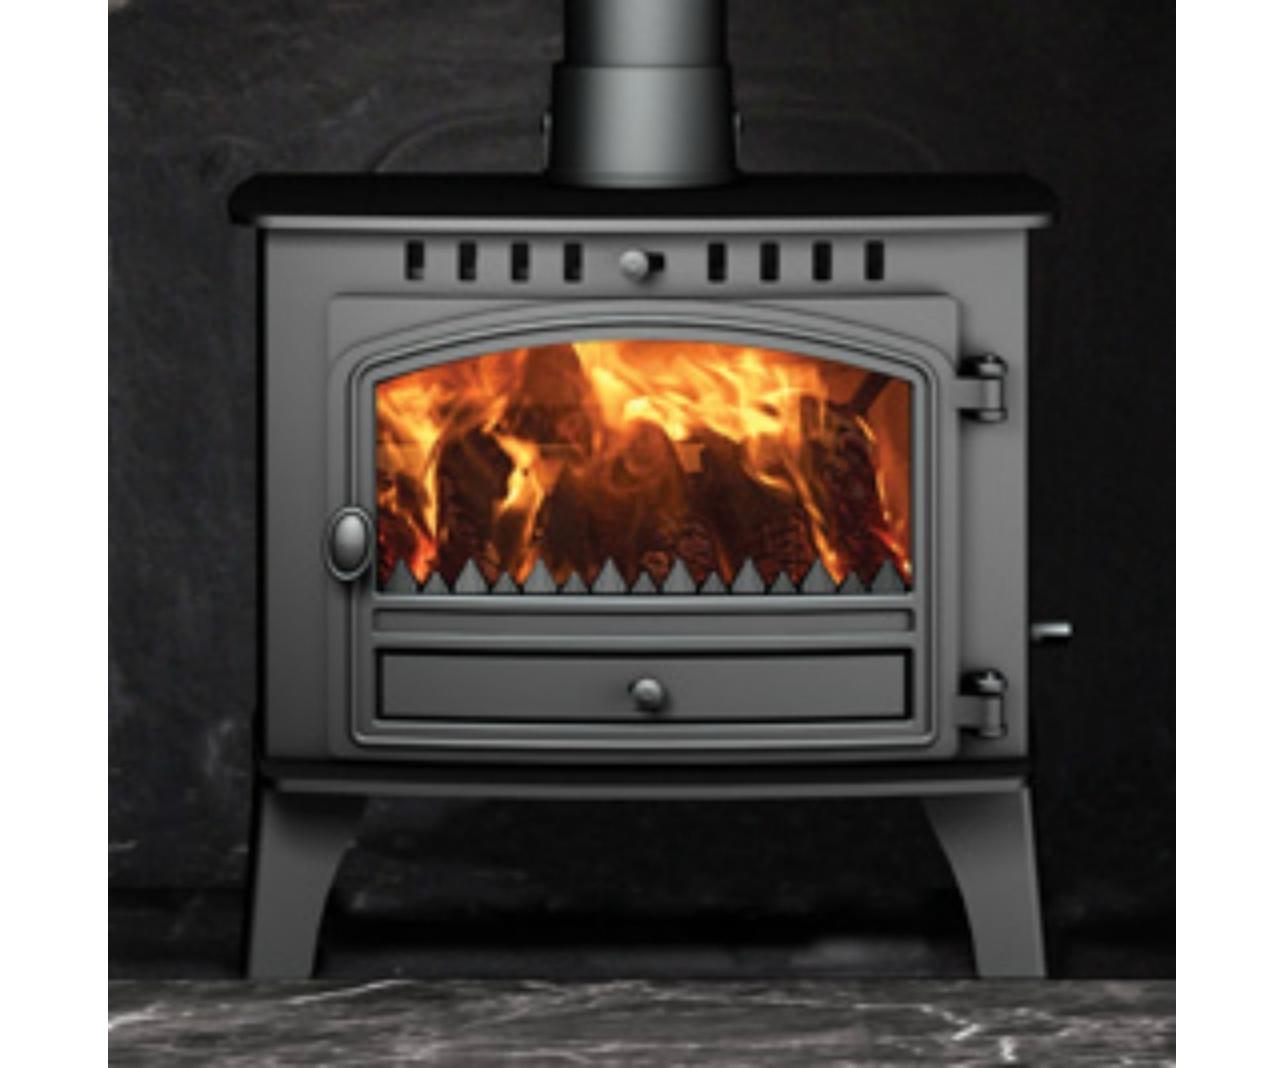 Wood Pellet Boiler >> Hunter Herald 14 - Hunter Herald 14 stove at Stove Sellers